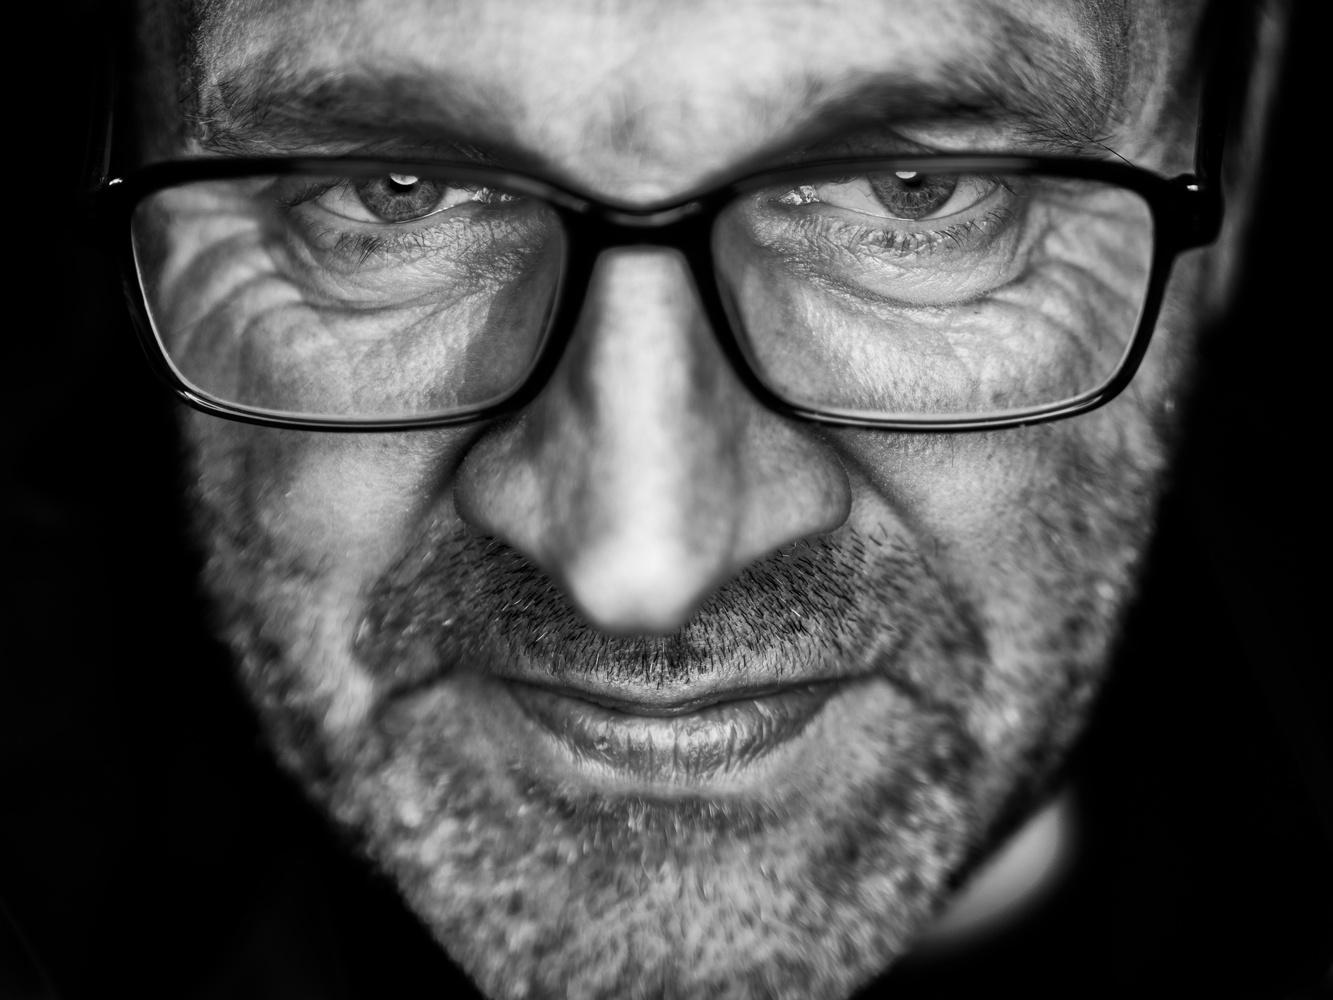 Faces of Divers - Krzysztof Starnawski by Tomasz Kowalski